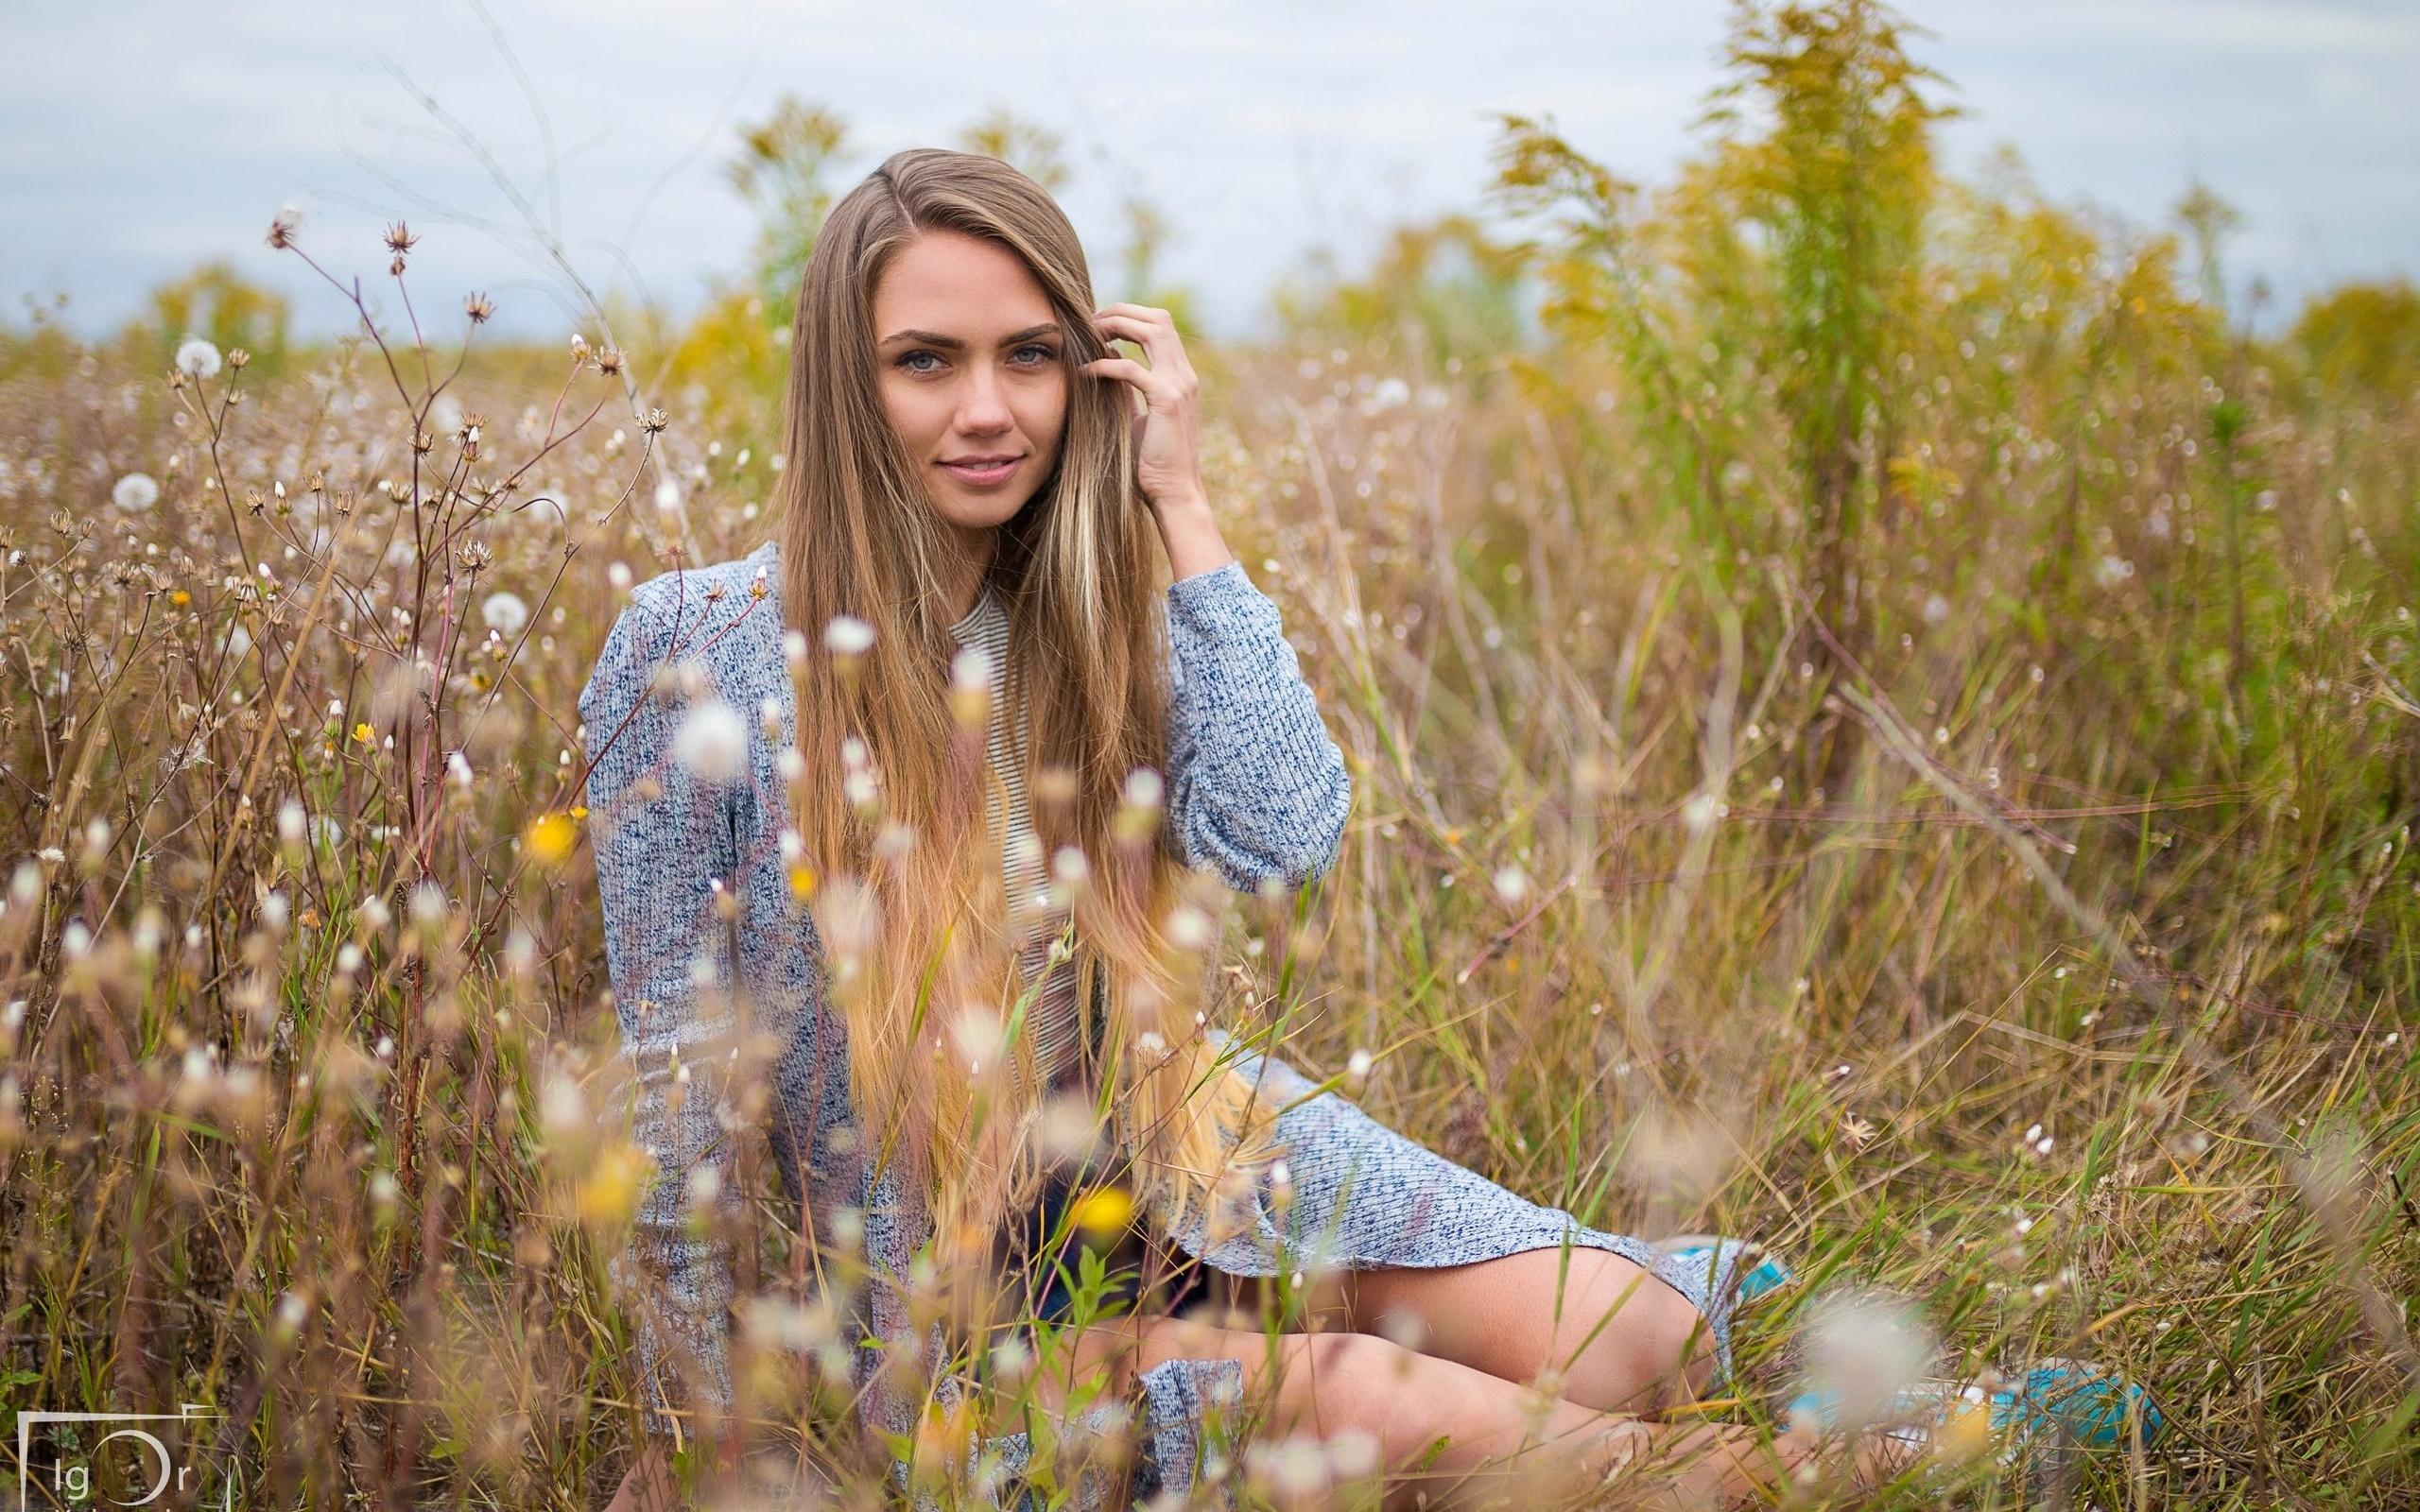 Секс девушки на природе россия, Порно на природе летом, секс на природе бесплатно на 25 фотография